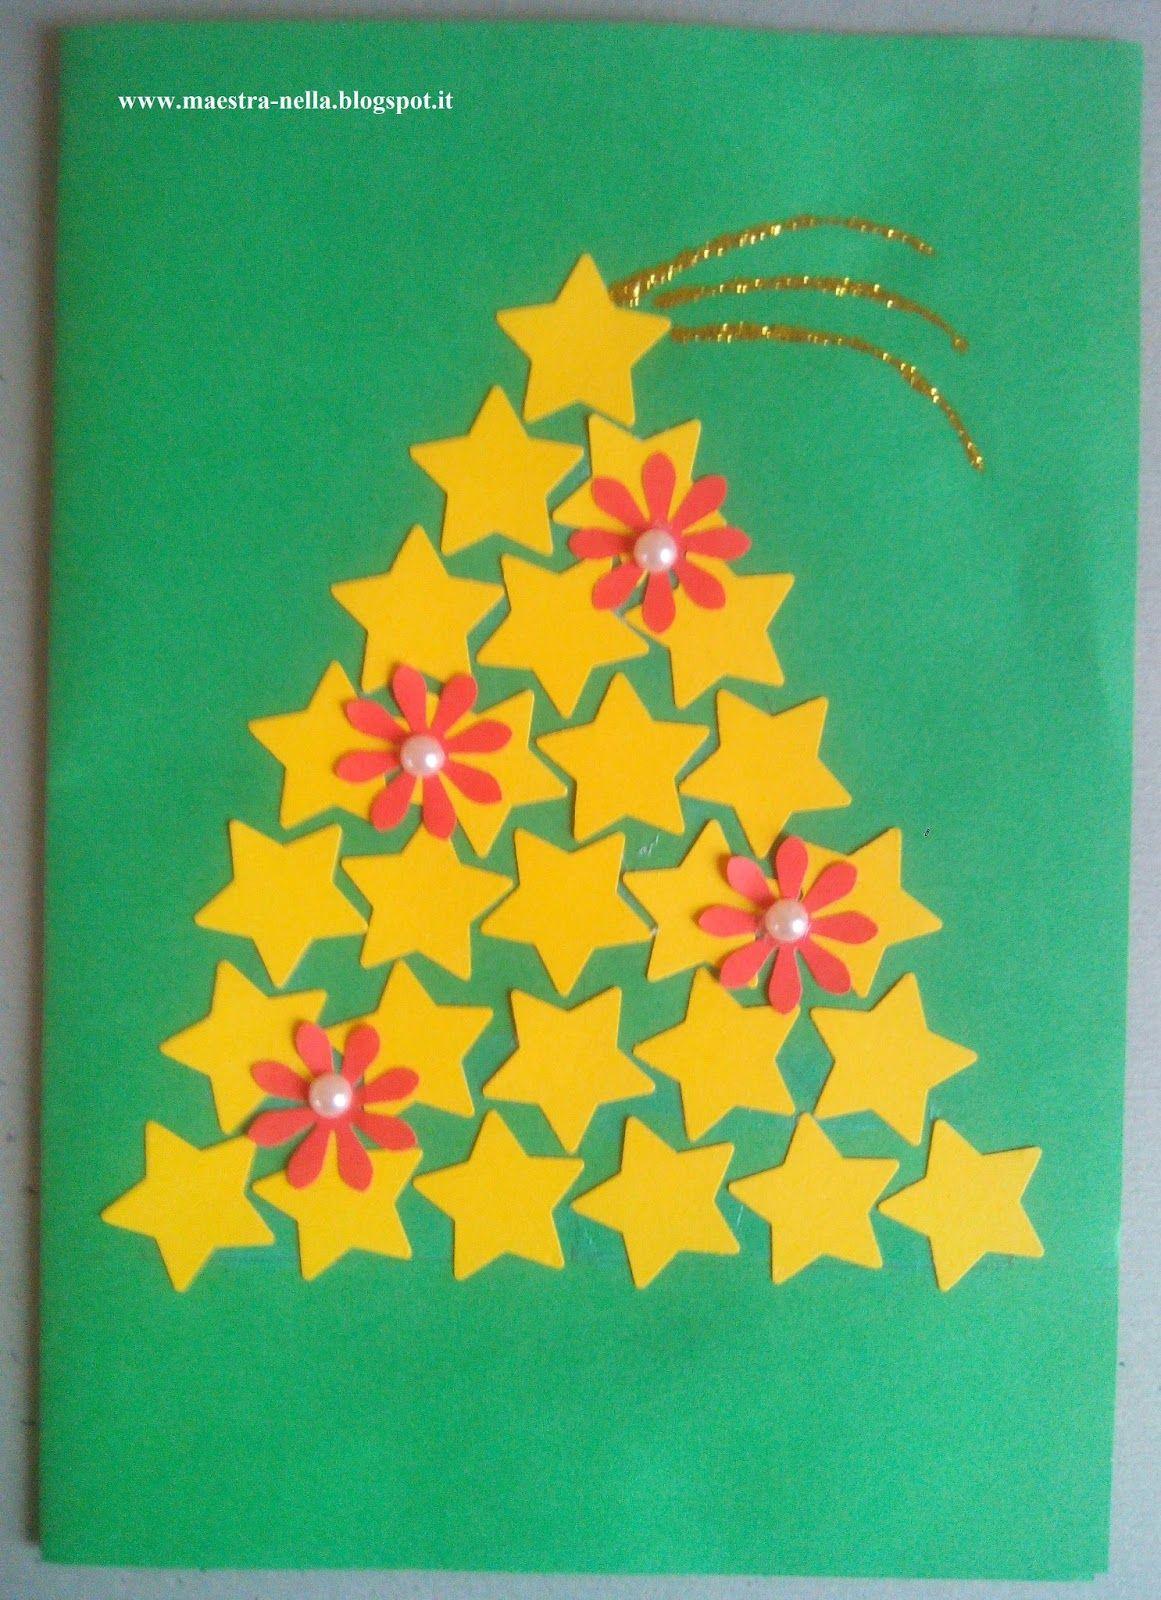 Lavoretti Di Natale A Scuola.Disegni Idee E Lavoretti Per La Scuola Dell Infanzia E